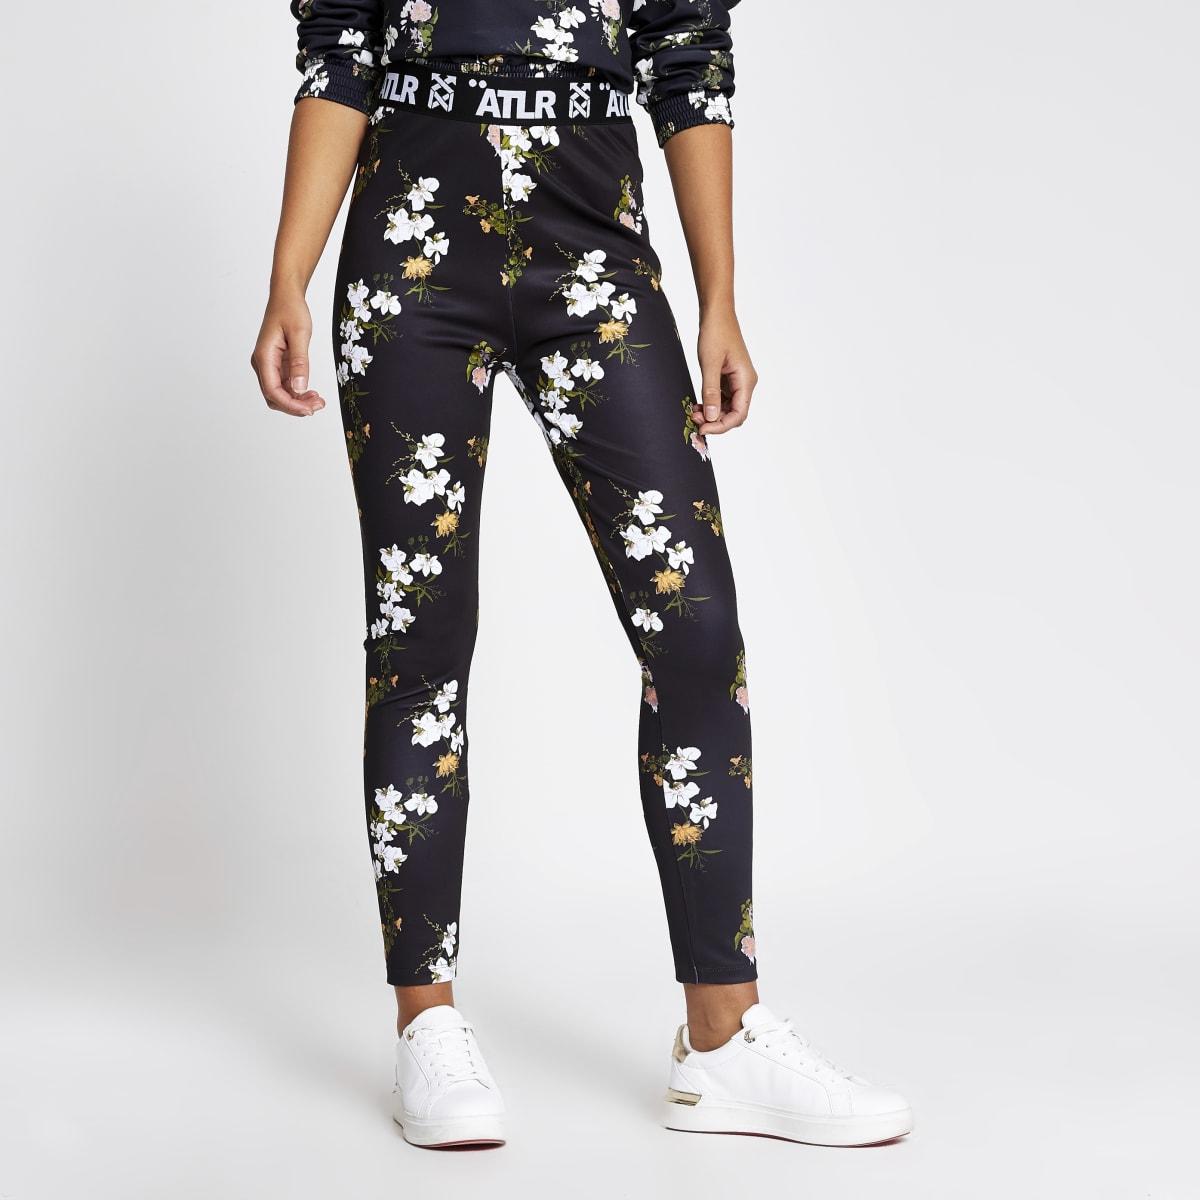 Zwarte elastische legging met ATLR-bloemenprint